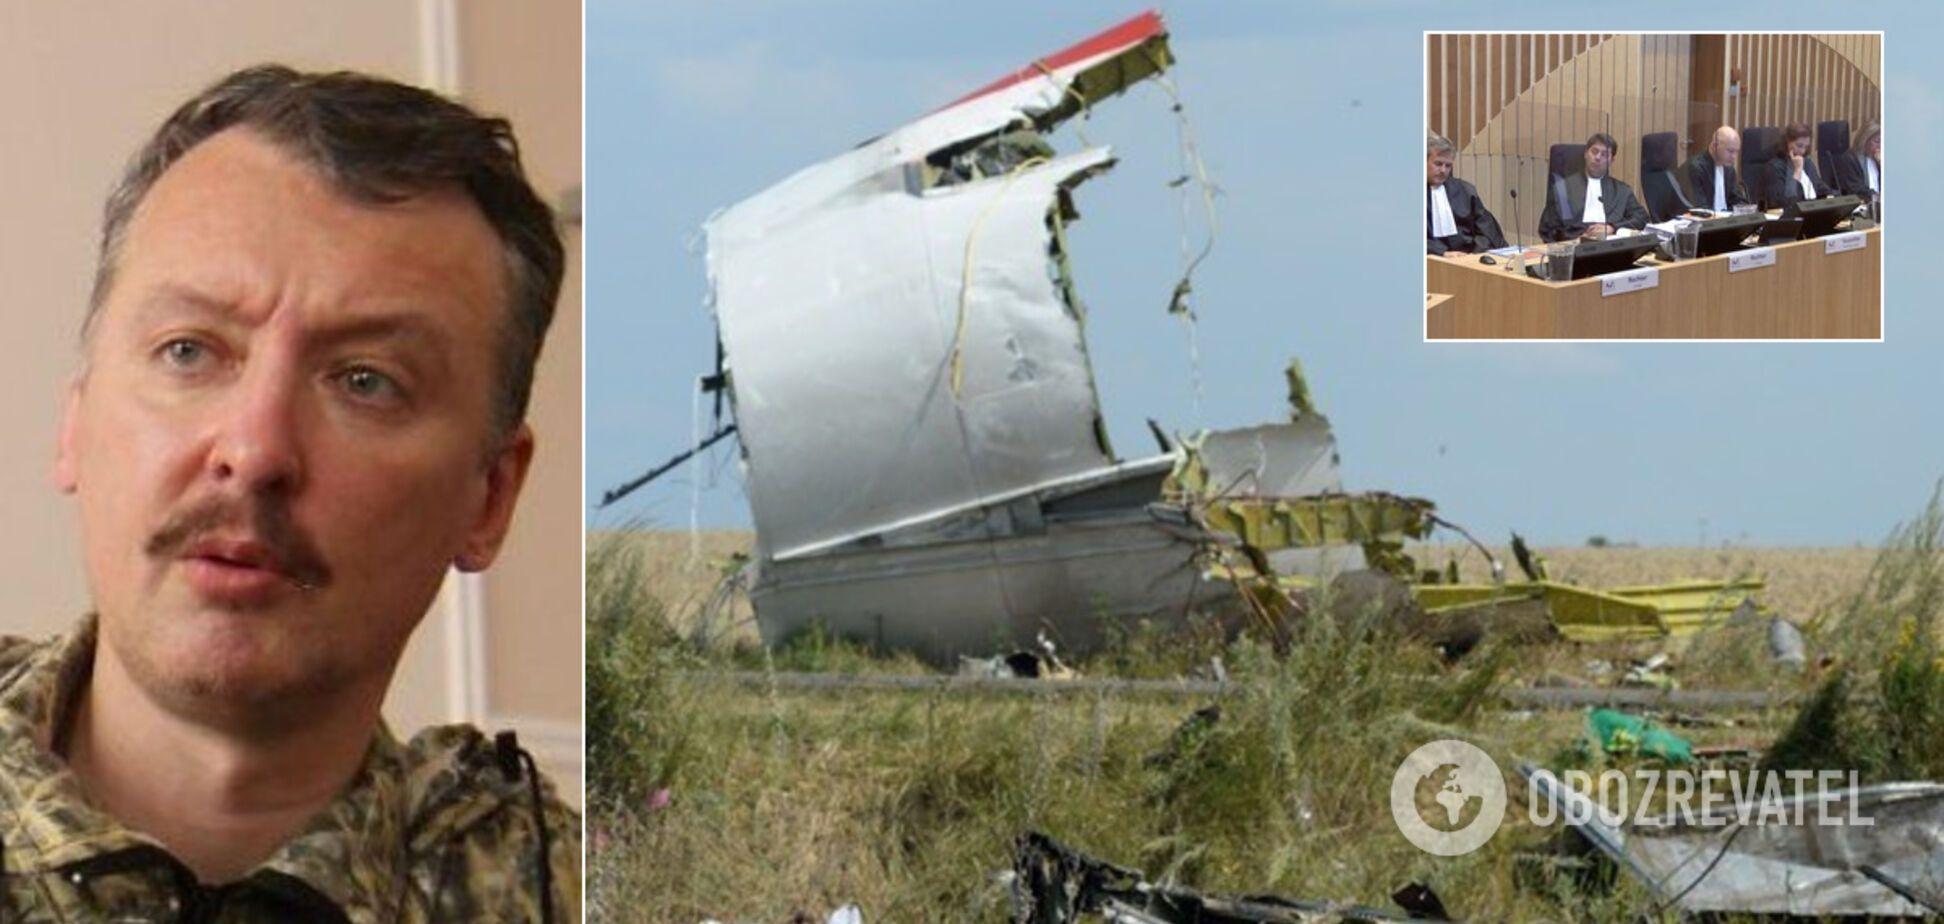 Суд по делу МН17: в Гааге предоставили доказательства запуска российской ракеты